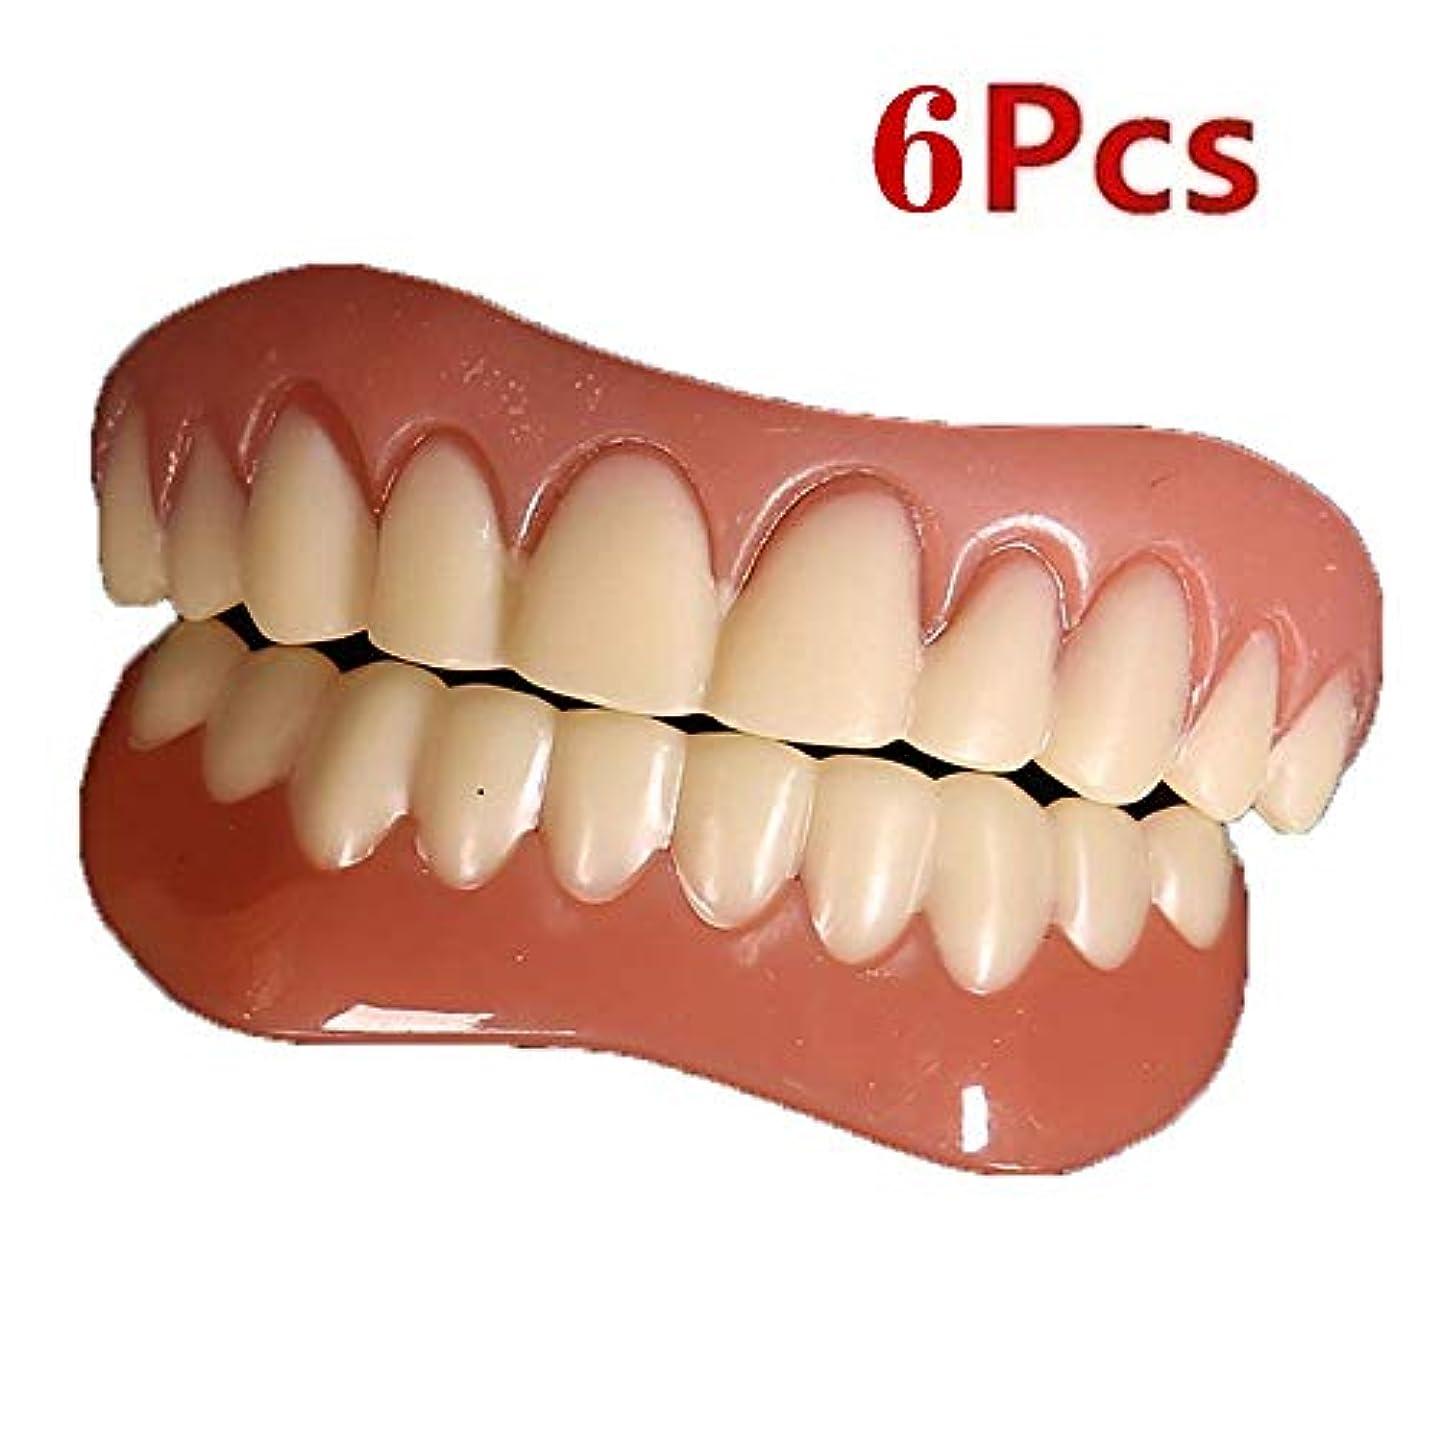 ミッションステップ取り扱い6個のインスタントスマイルの歯アッパーロアーベニアの快適さフィットの歯のベニヤ、ワンサイズは数分以内に自宅であなたの笑顔を直す